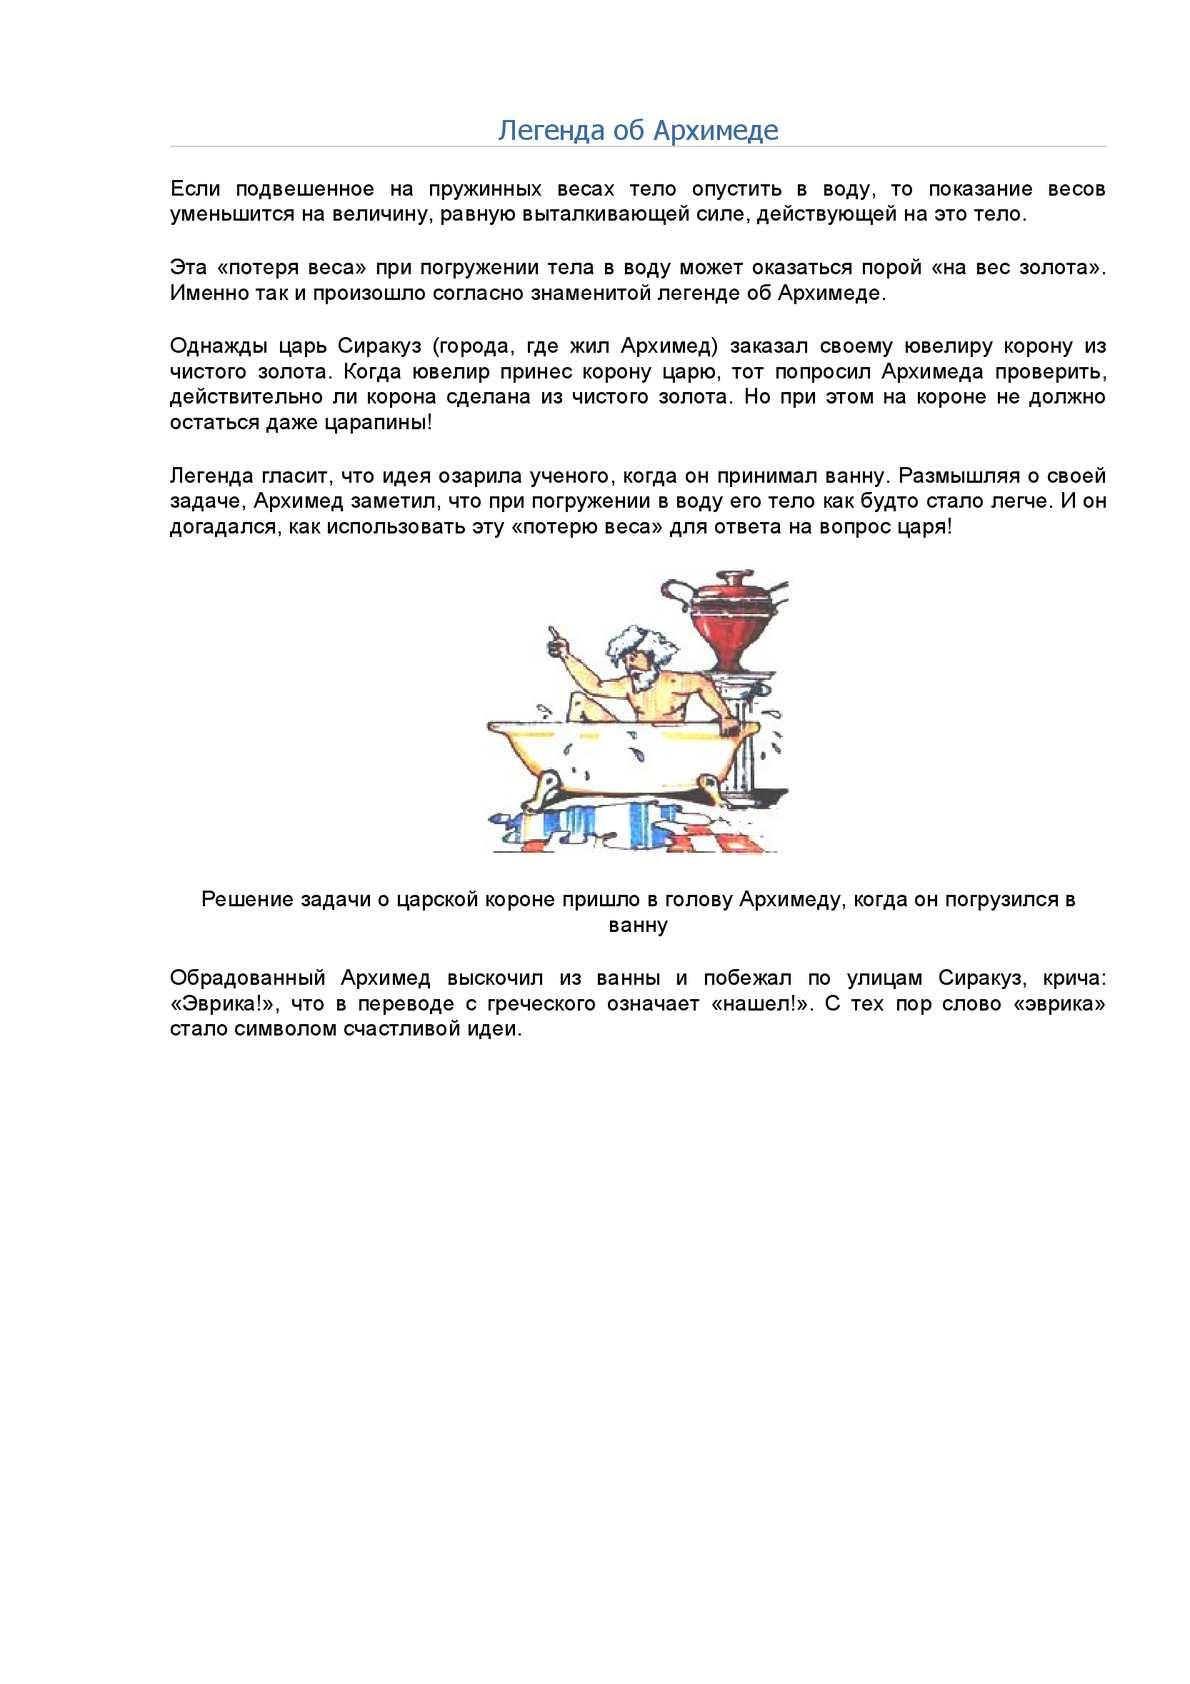 Легенда об архимеде доклад 153